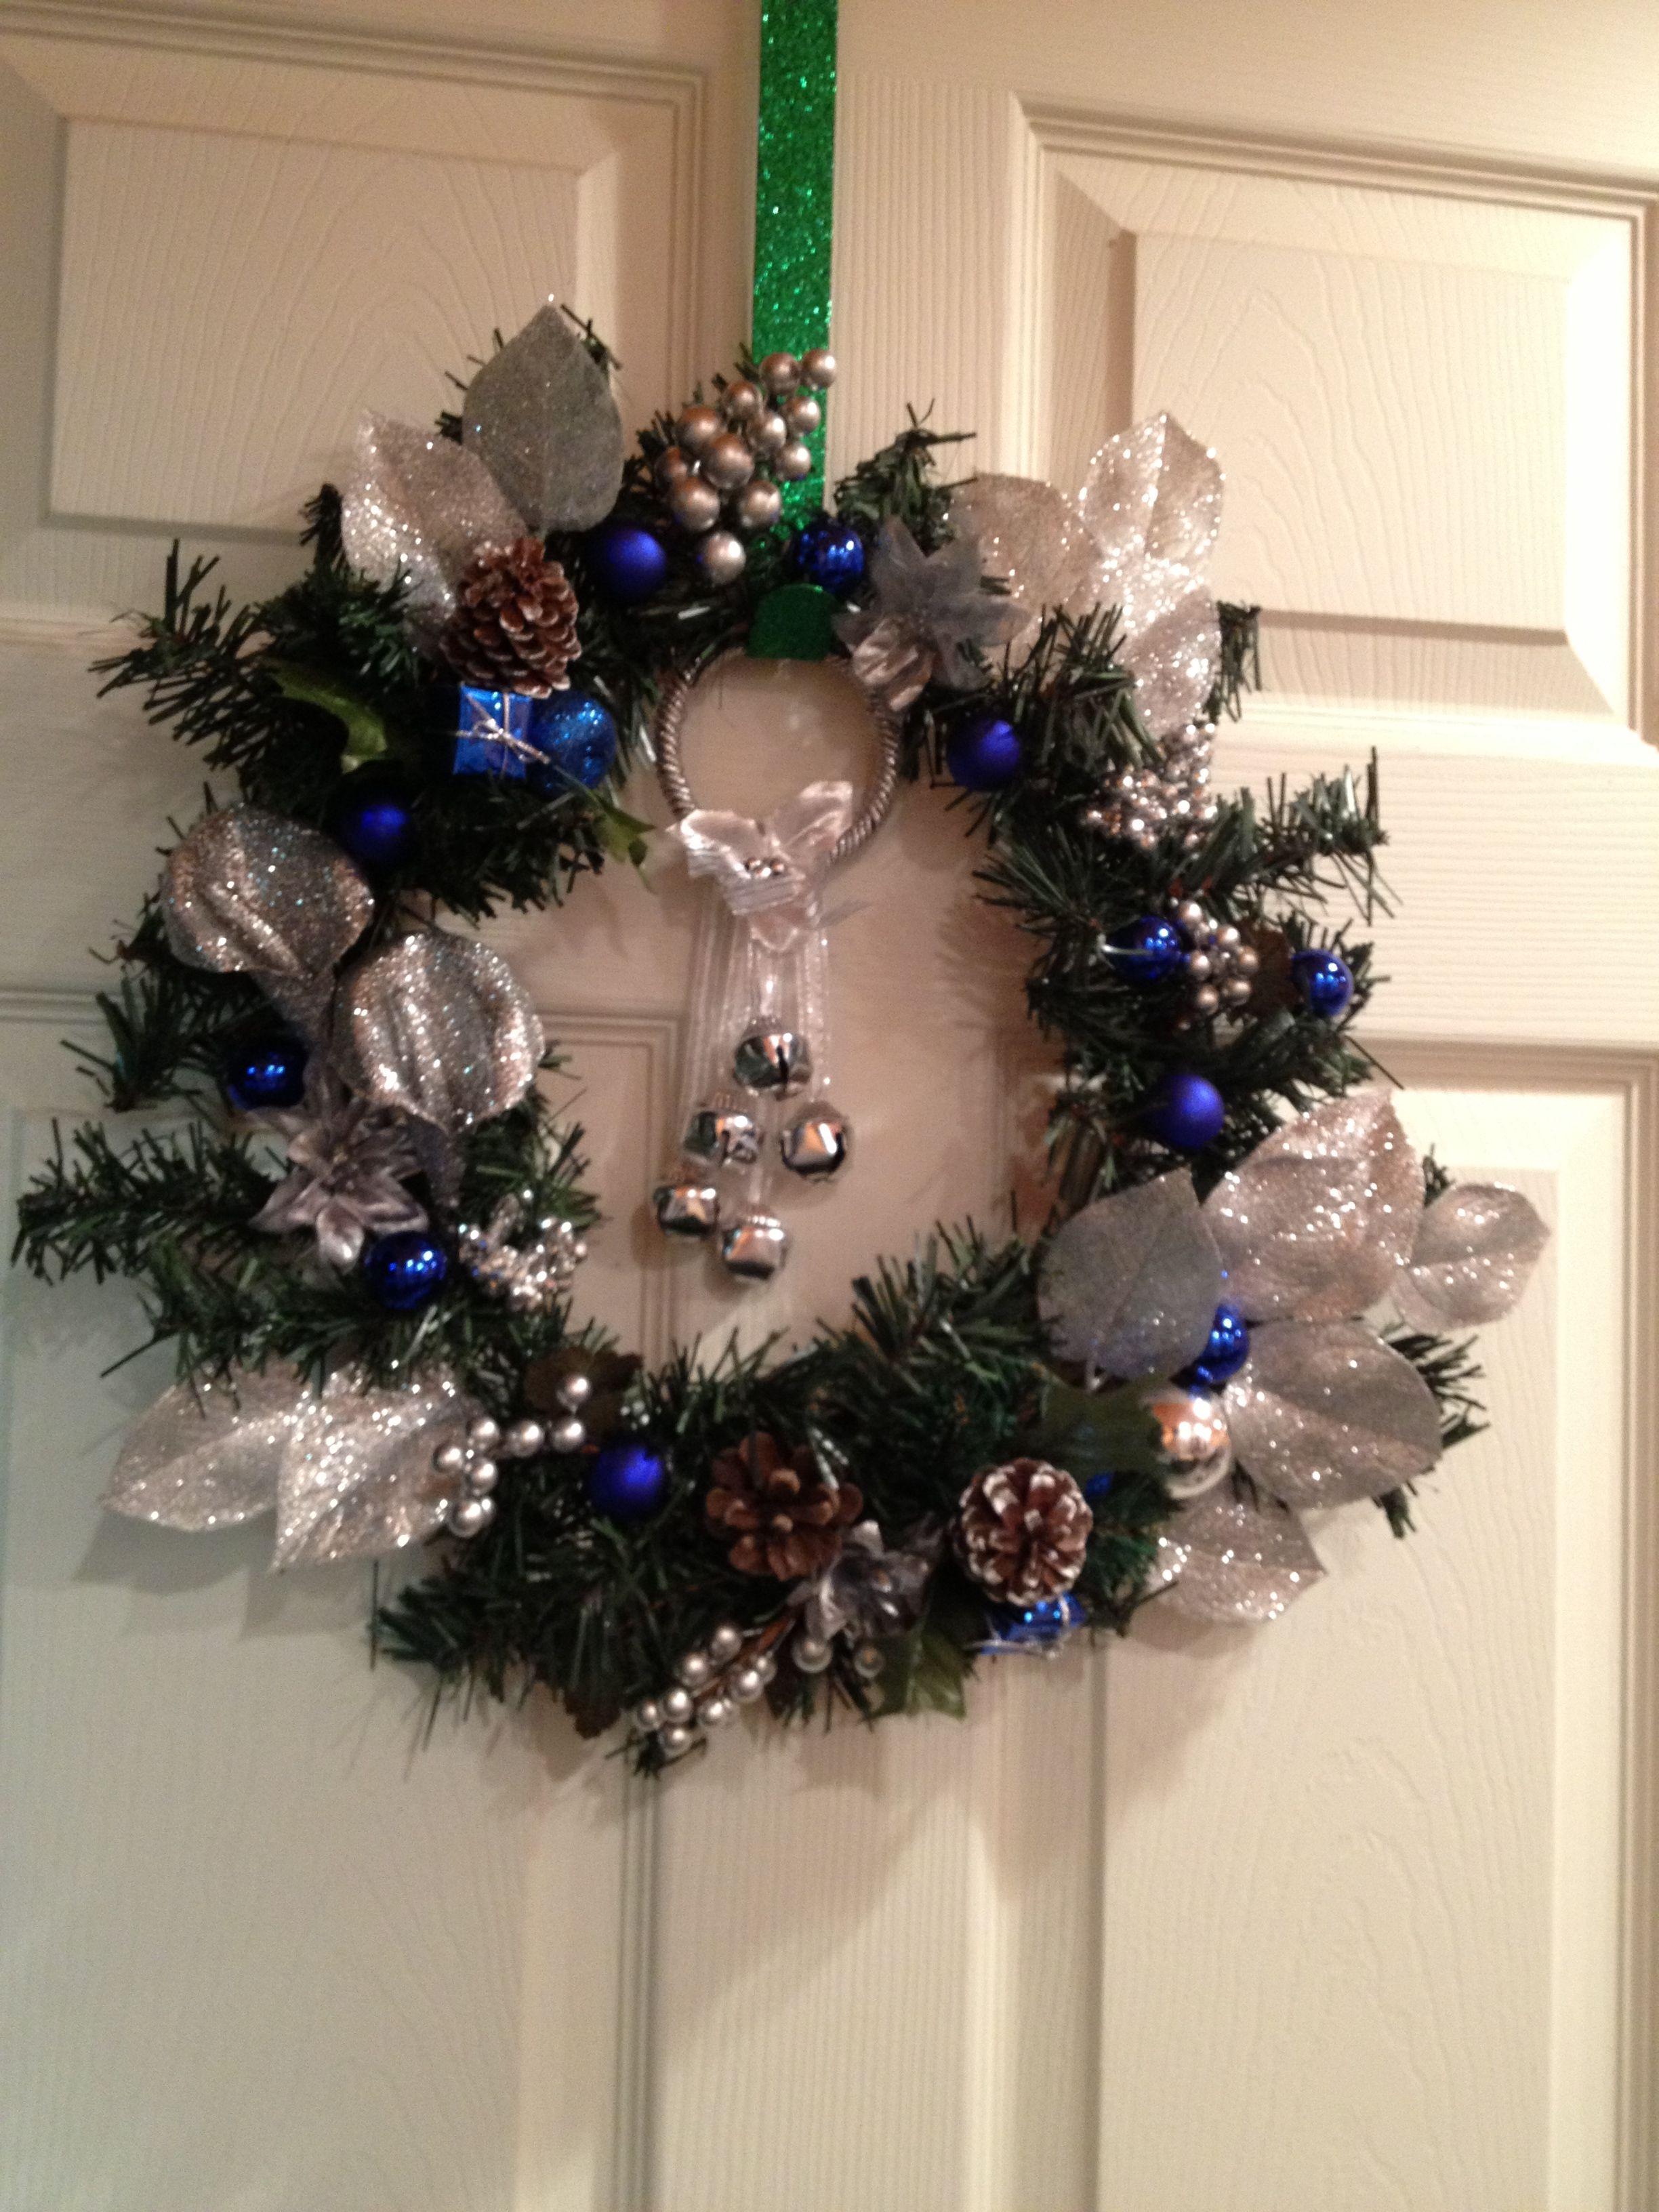 Dollar store wreath wreaths christmas wreaths hanukkah